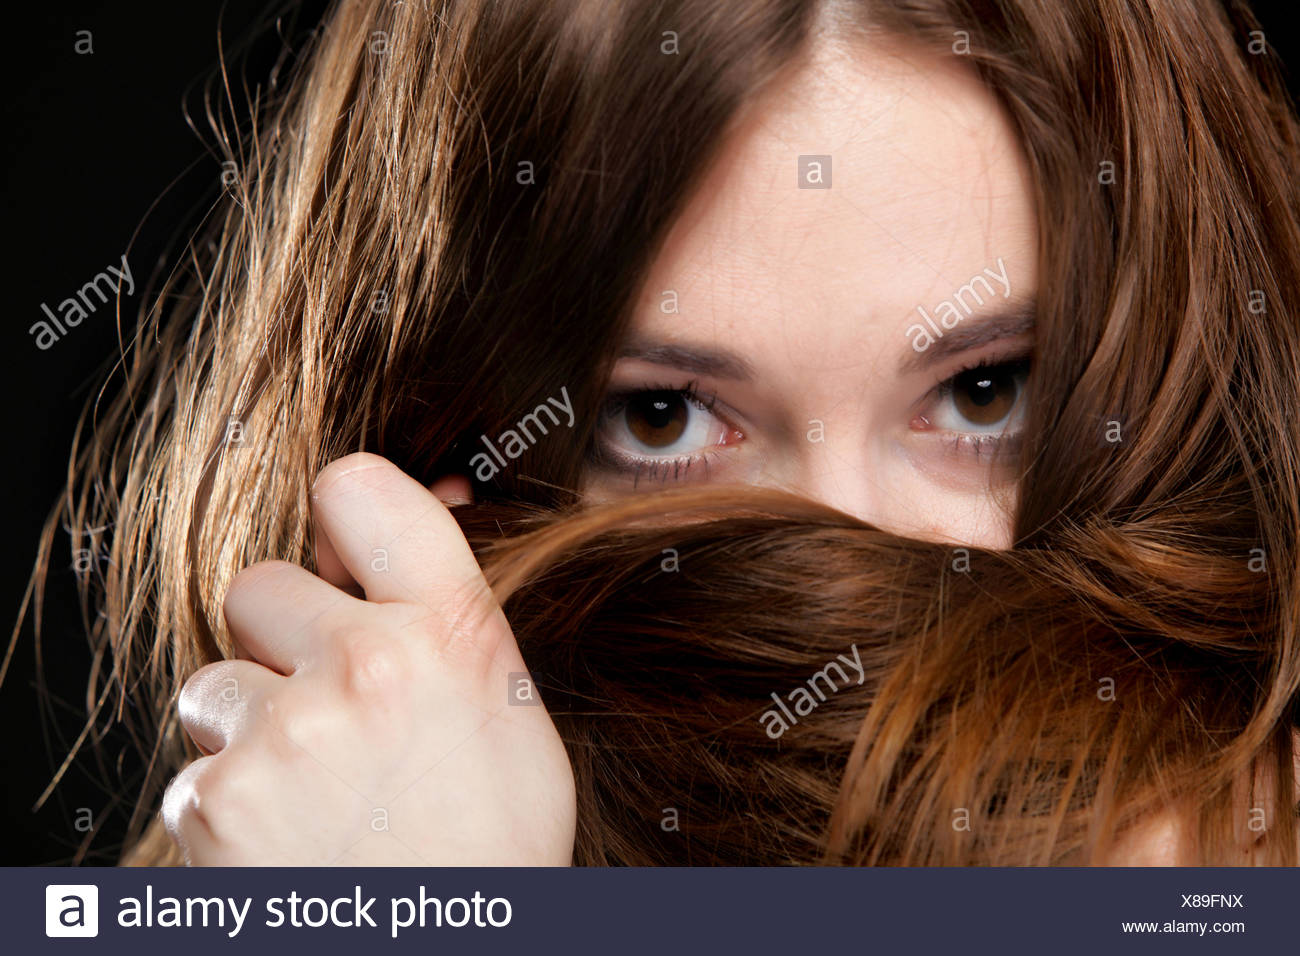 Libre femme couvre la face par de longs poils bruns Banque D'Images